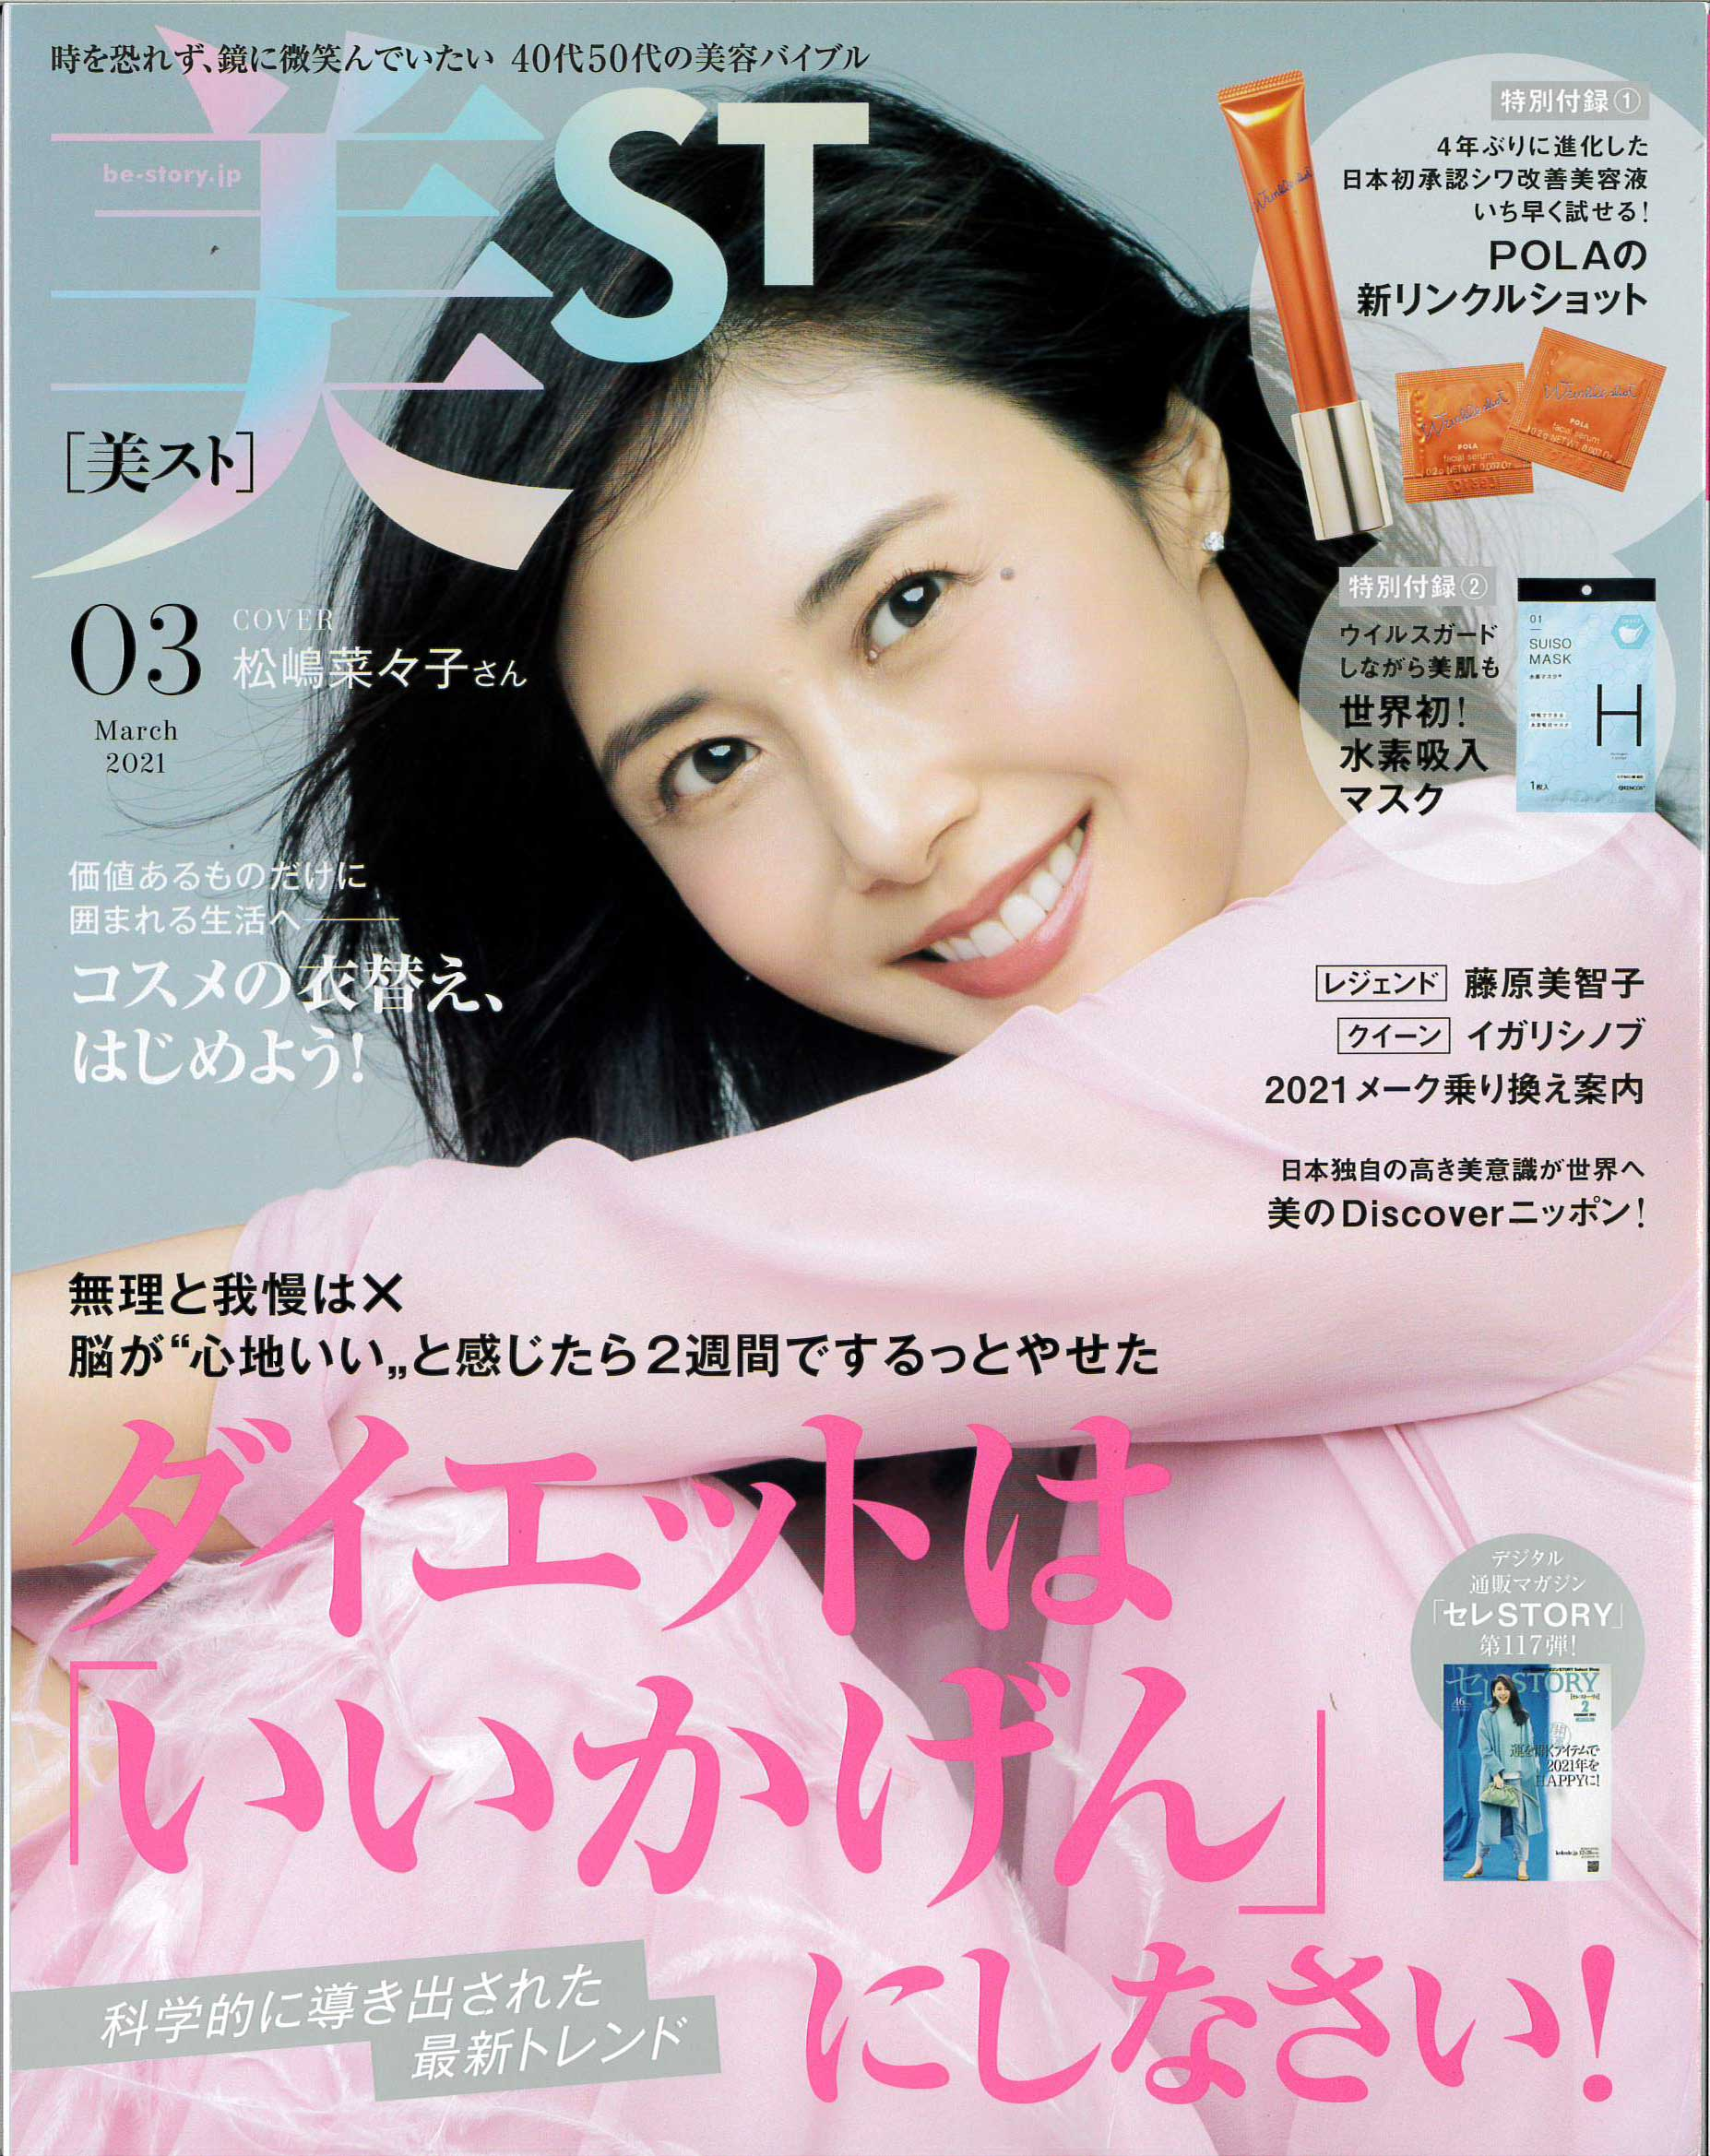 美ST(美容雑誌)2021年3月号の画像です。松嶋菜々子さんが表紙です。